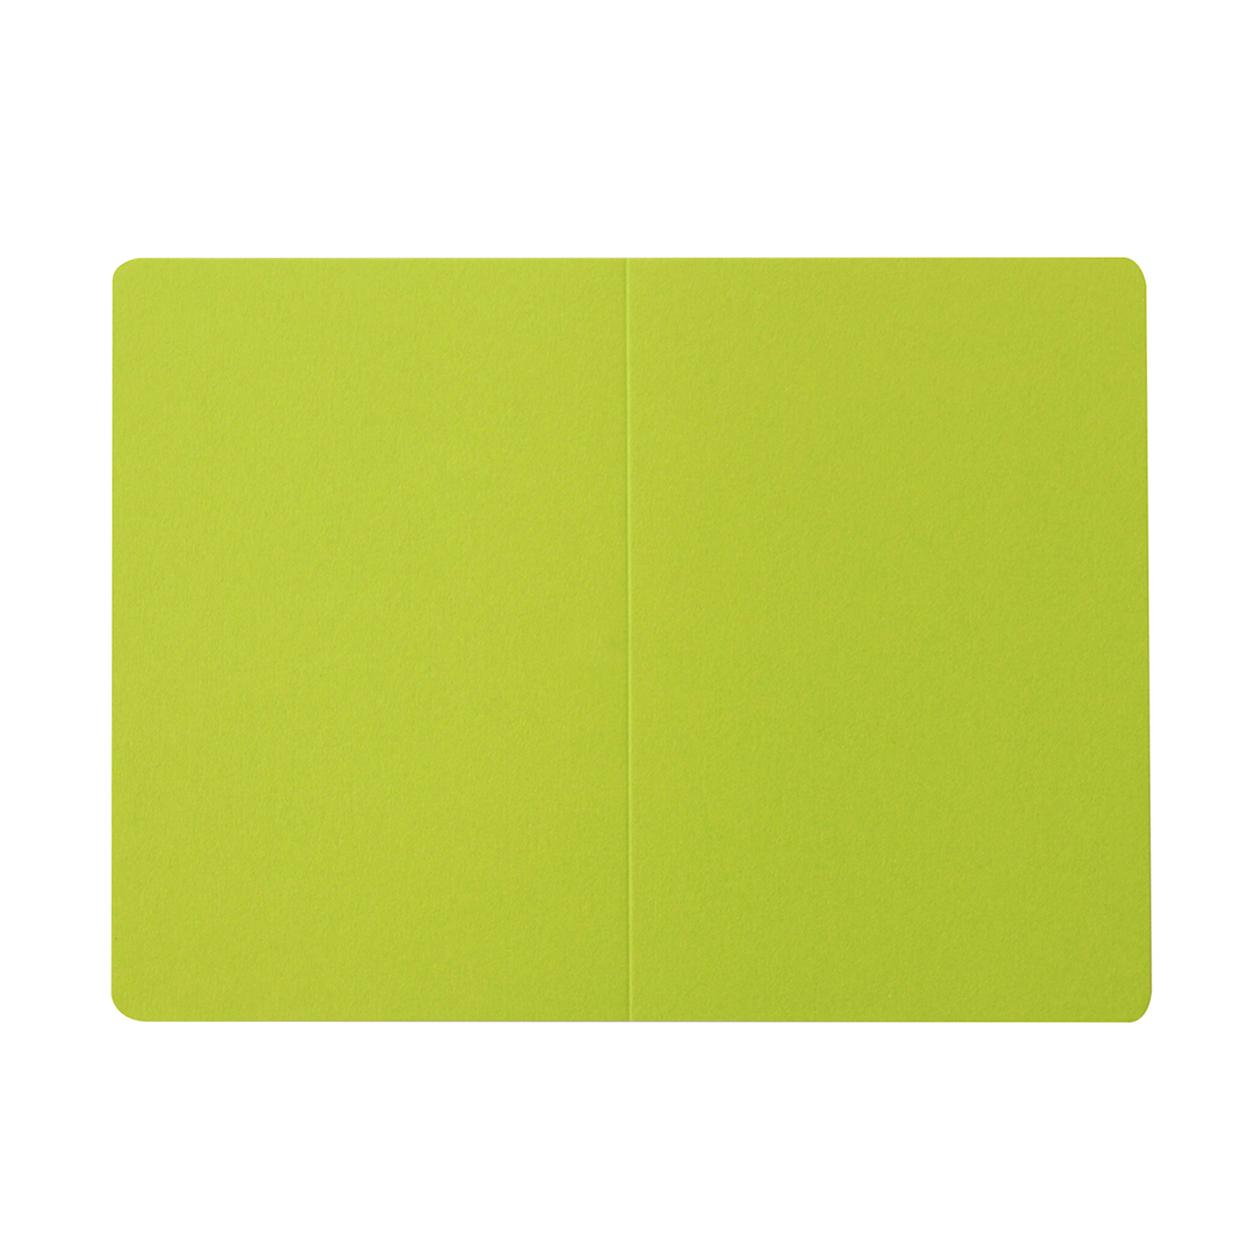 #53VカードR コットン(NTラシャ) 黄緑 151.2g